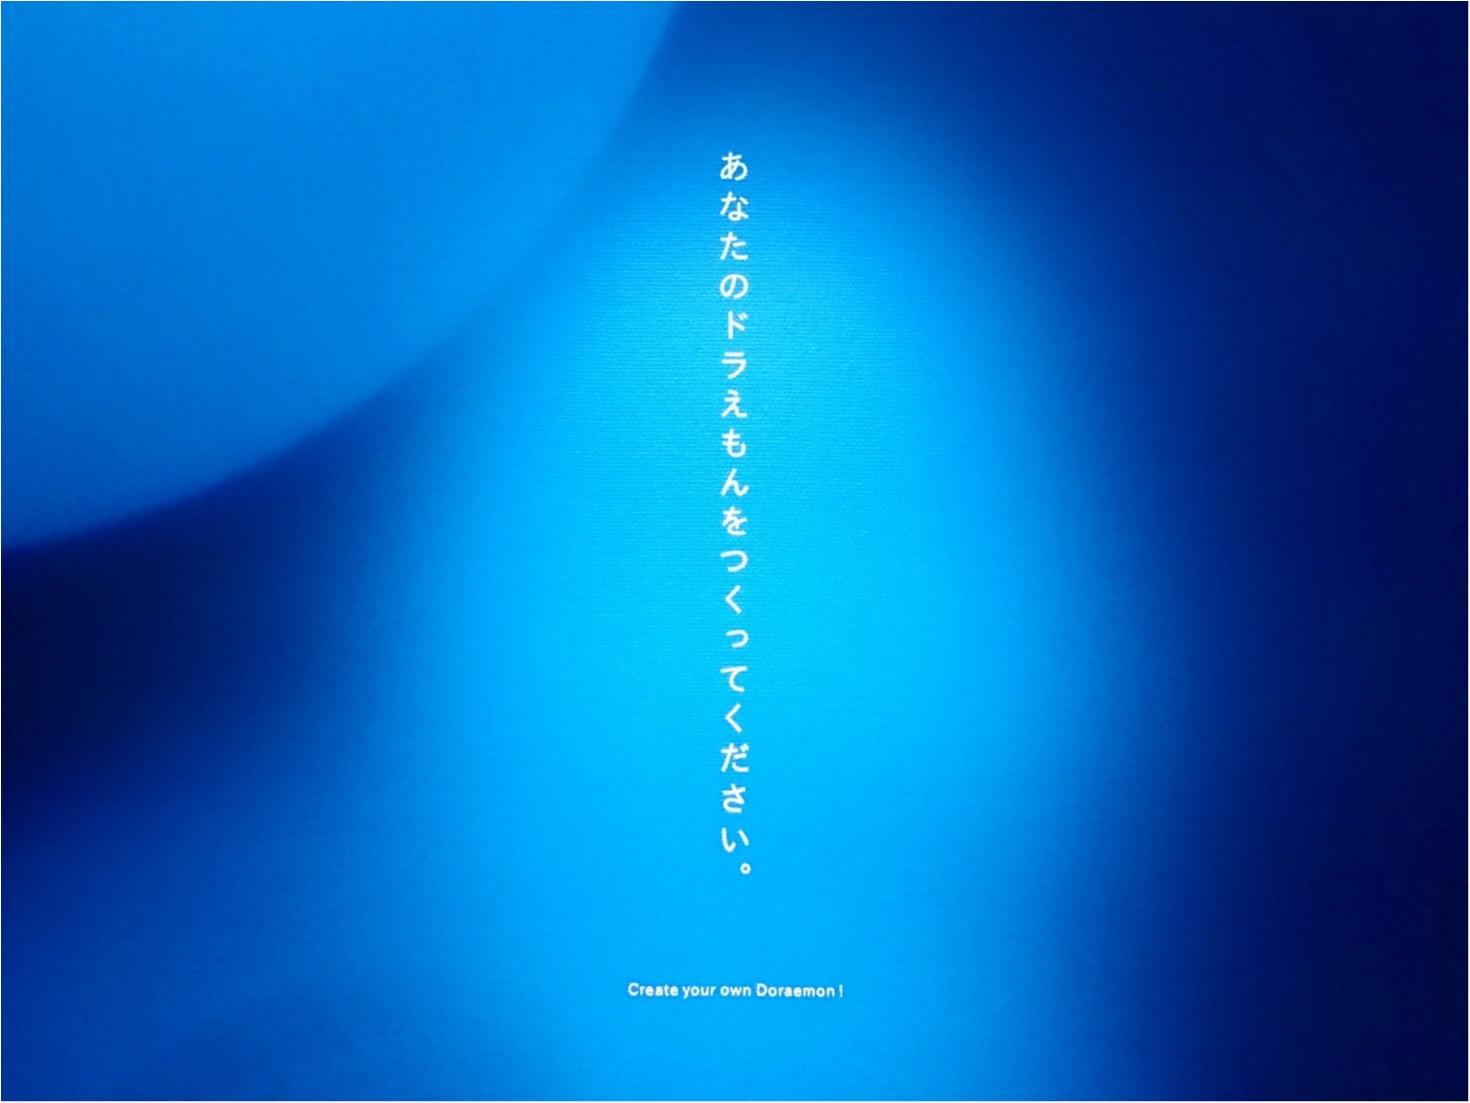 """【イベント】一度は""""ドラえもんがいてくれたら。""""と思ったことありませんか ? 六本木で開催中『The ドラえもん展 TOKYO 2017』に行ってきました ♪_6"""